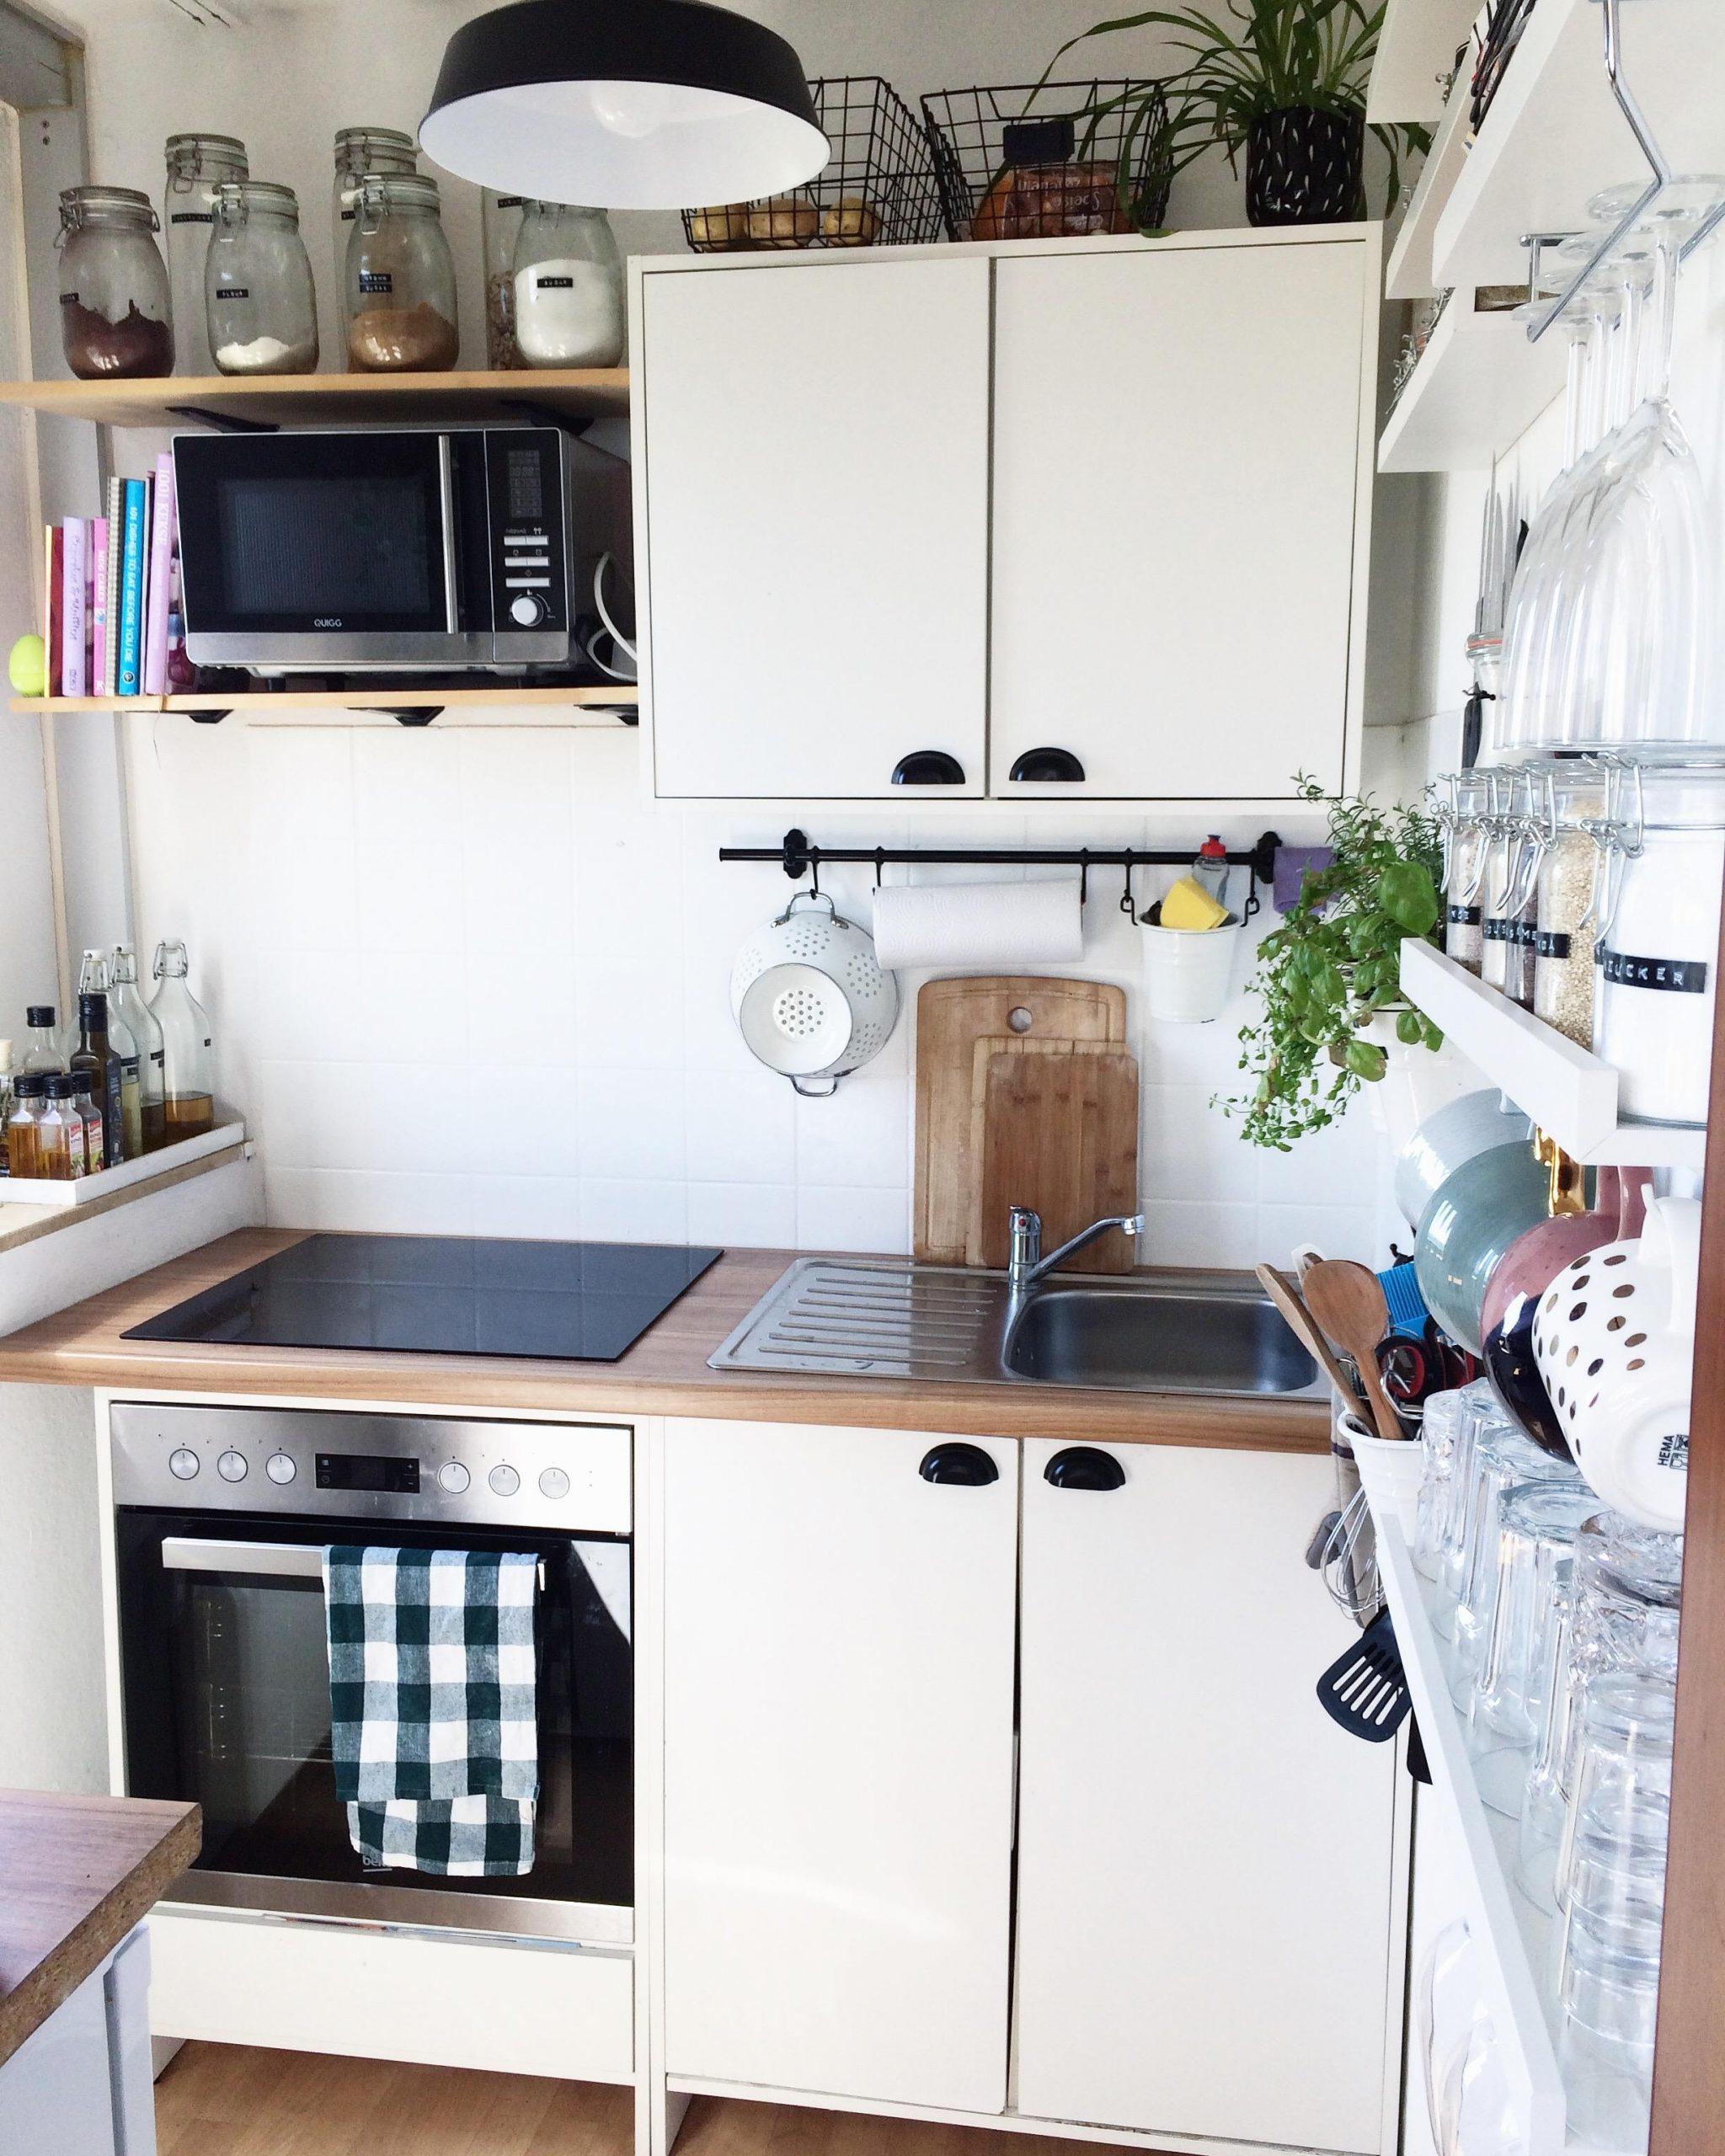 Full Size of Plastikfreie Küche Aufbewahrung Küche Aufbewahrung Schrank Küche Aufbewahrung Wand Küche Aufbewahrung Kunststoff Küche Küche Aufbewahrung